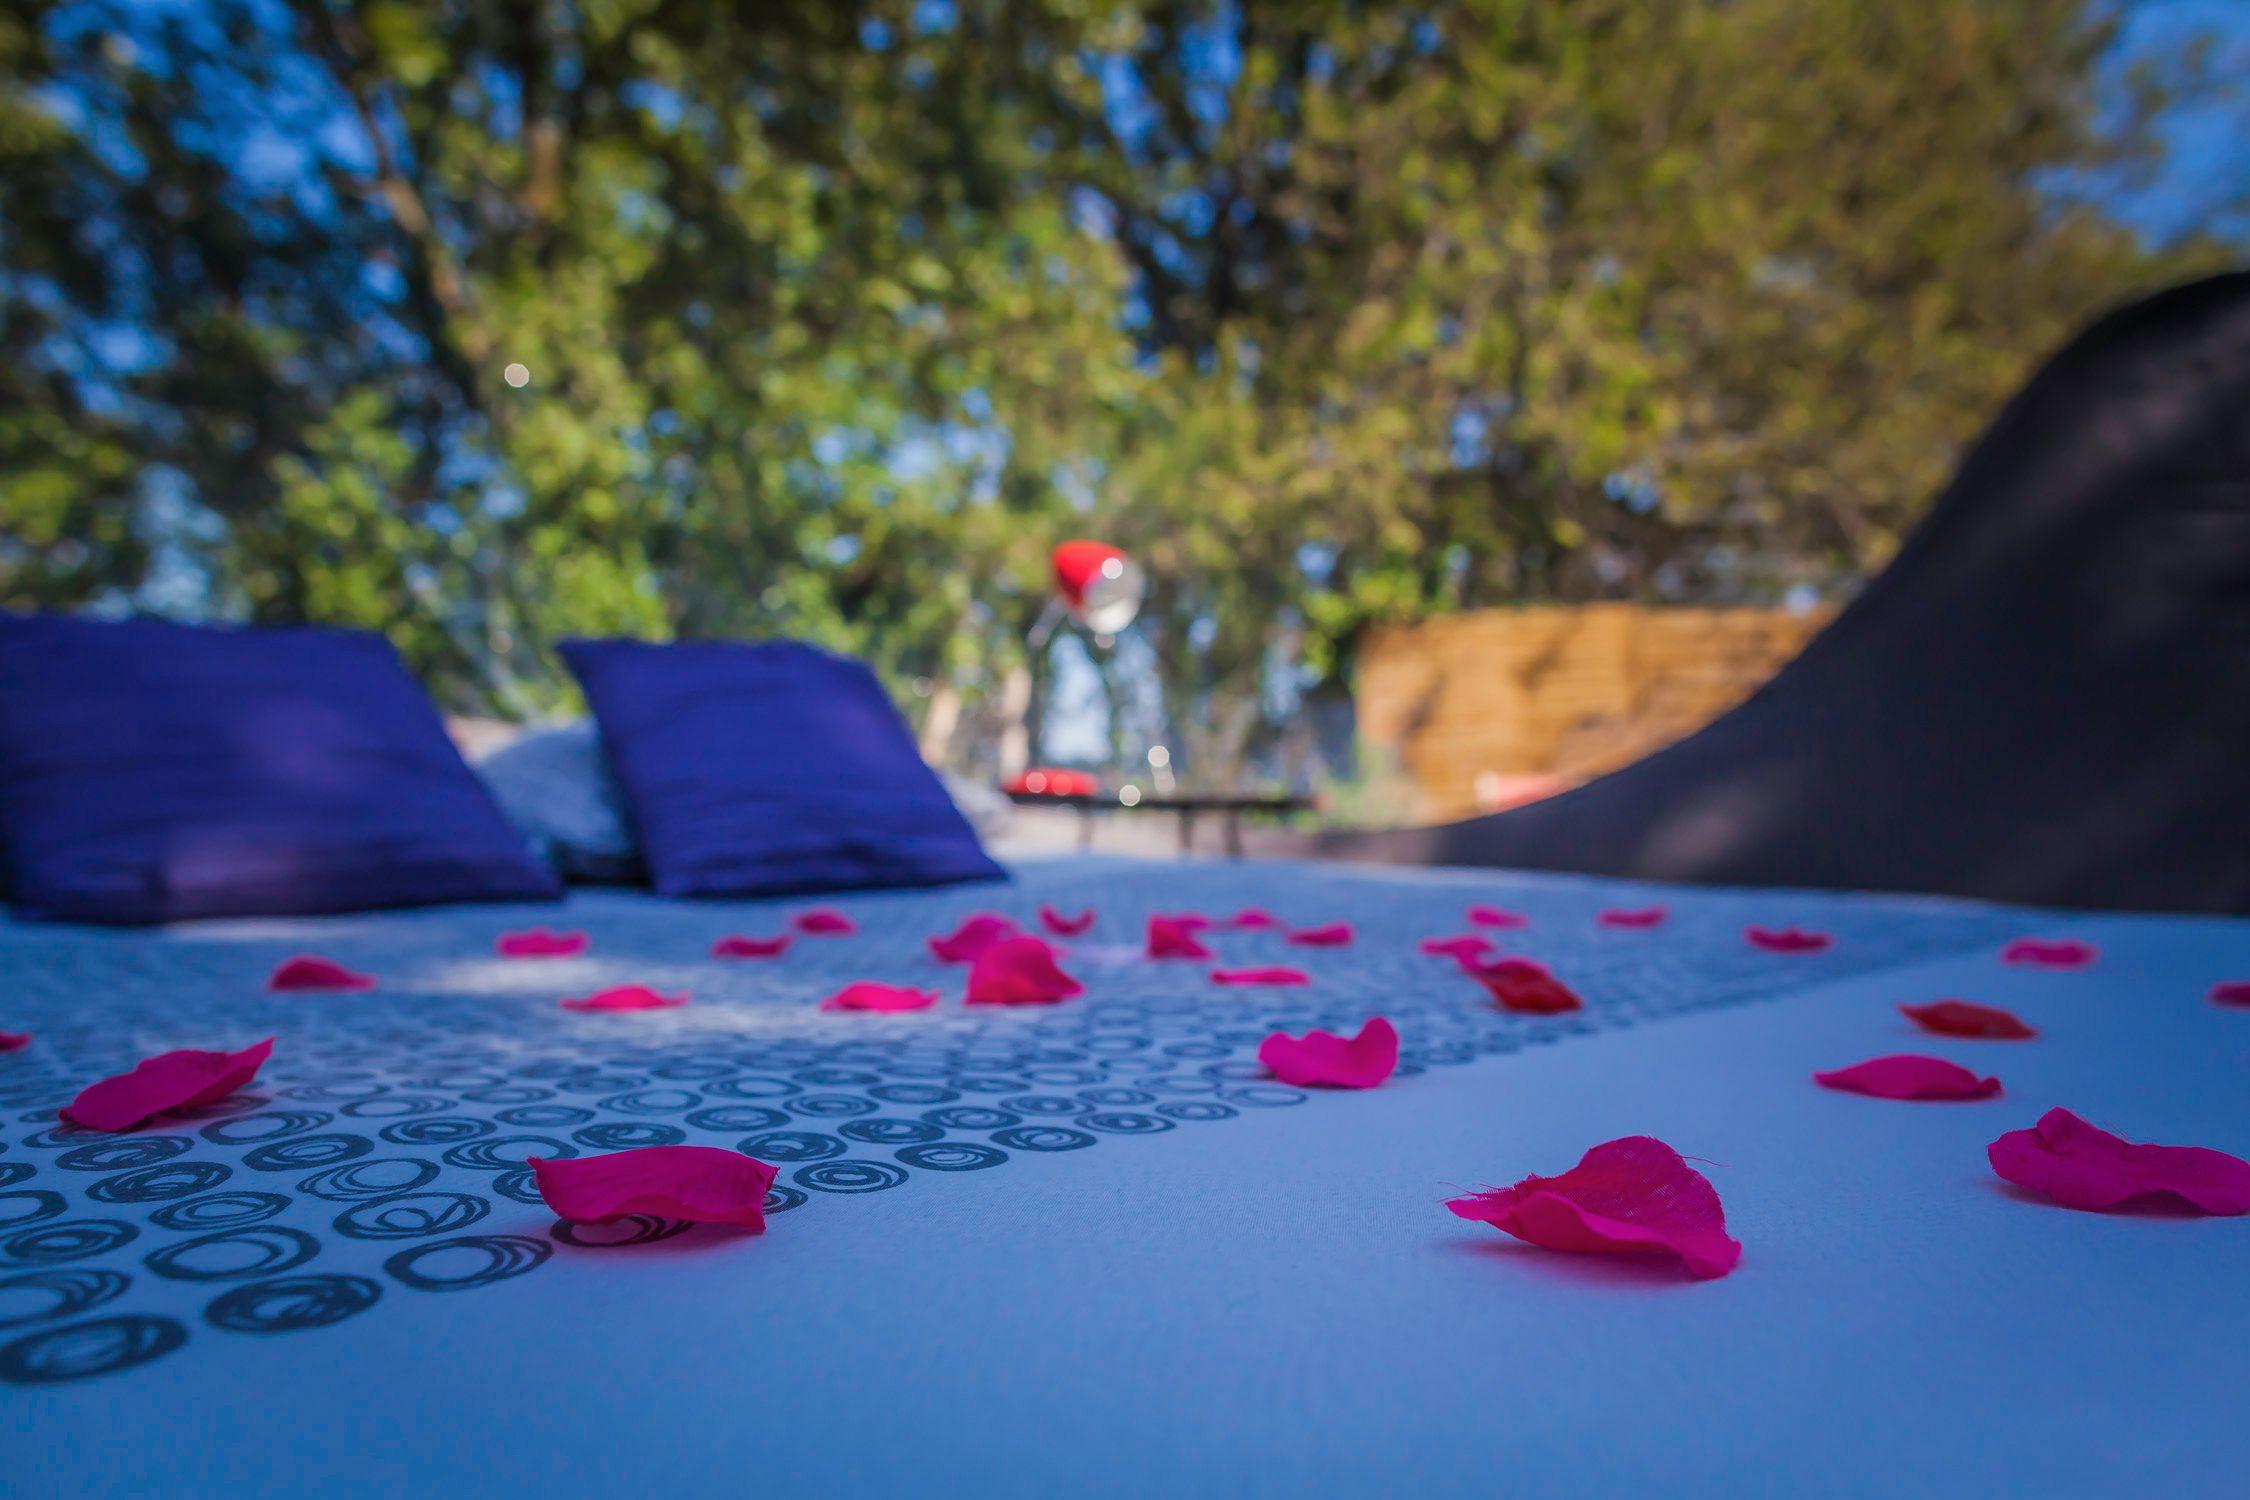 Des Petales De Roses Pour Une Touche Romantique Bienvenue Dans Votre Bulle Maisonsbulles Bulle Insolite Maison Bulle Nuit Insolite Hebergement Insolite